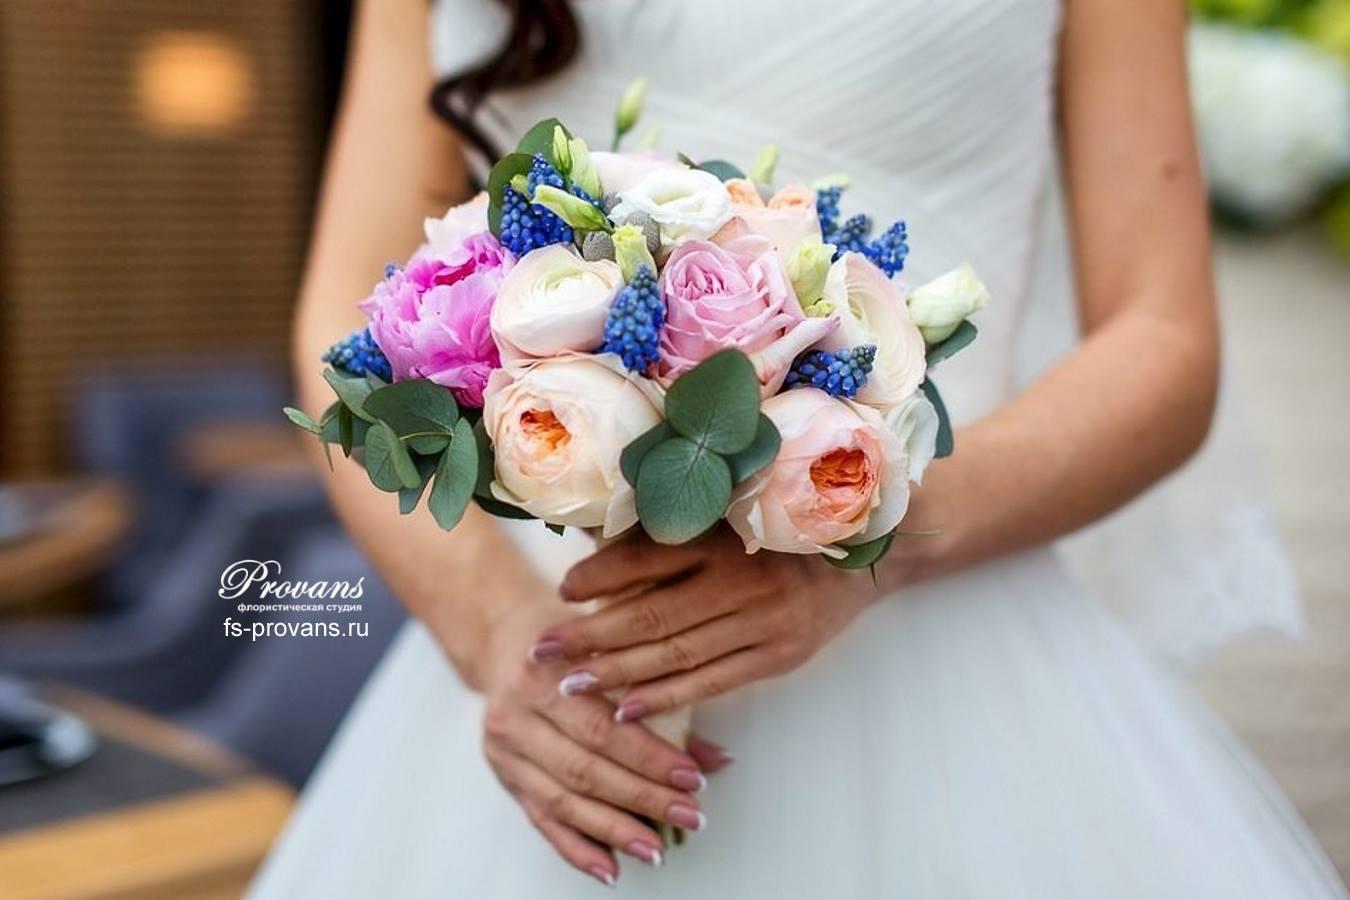 Букет невесты. Ароматная роза, мускари, лютики, эустома